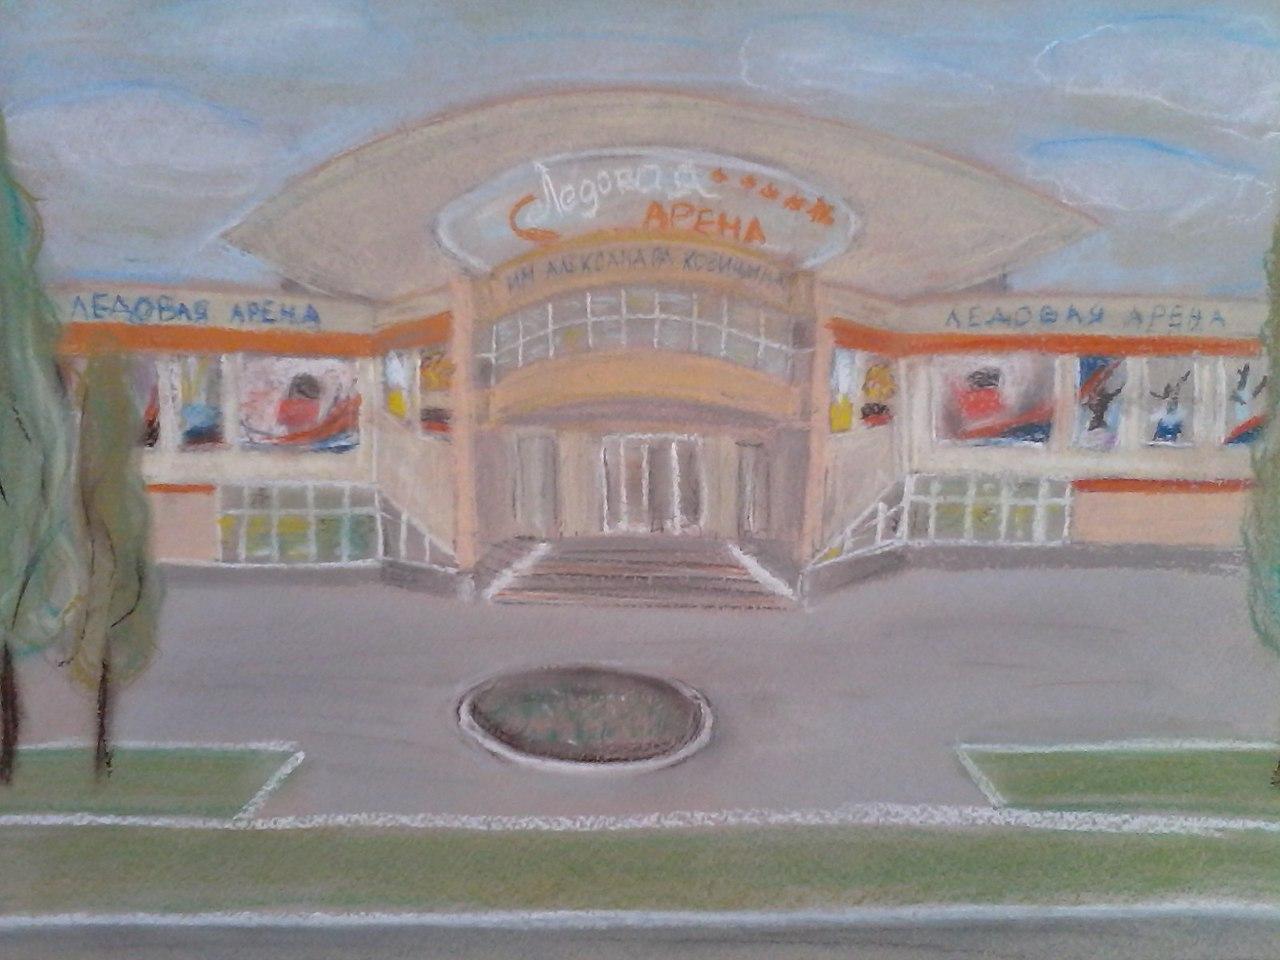 Попова Дарья 1 МЕСТО в конкурсе рисунков ко Дню города 2015 среди участников в возрасте от 11 до 17